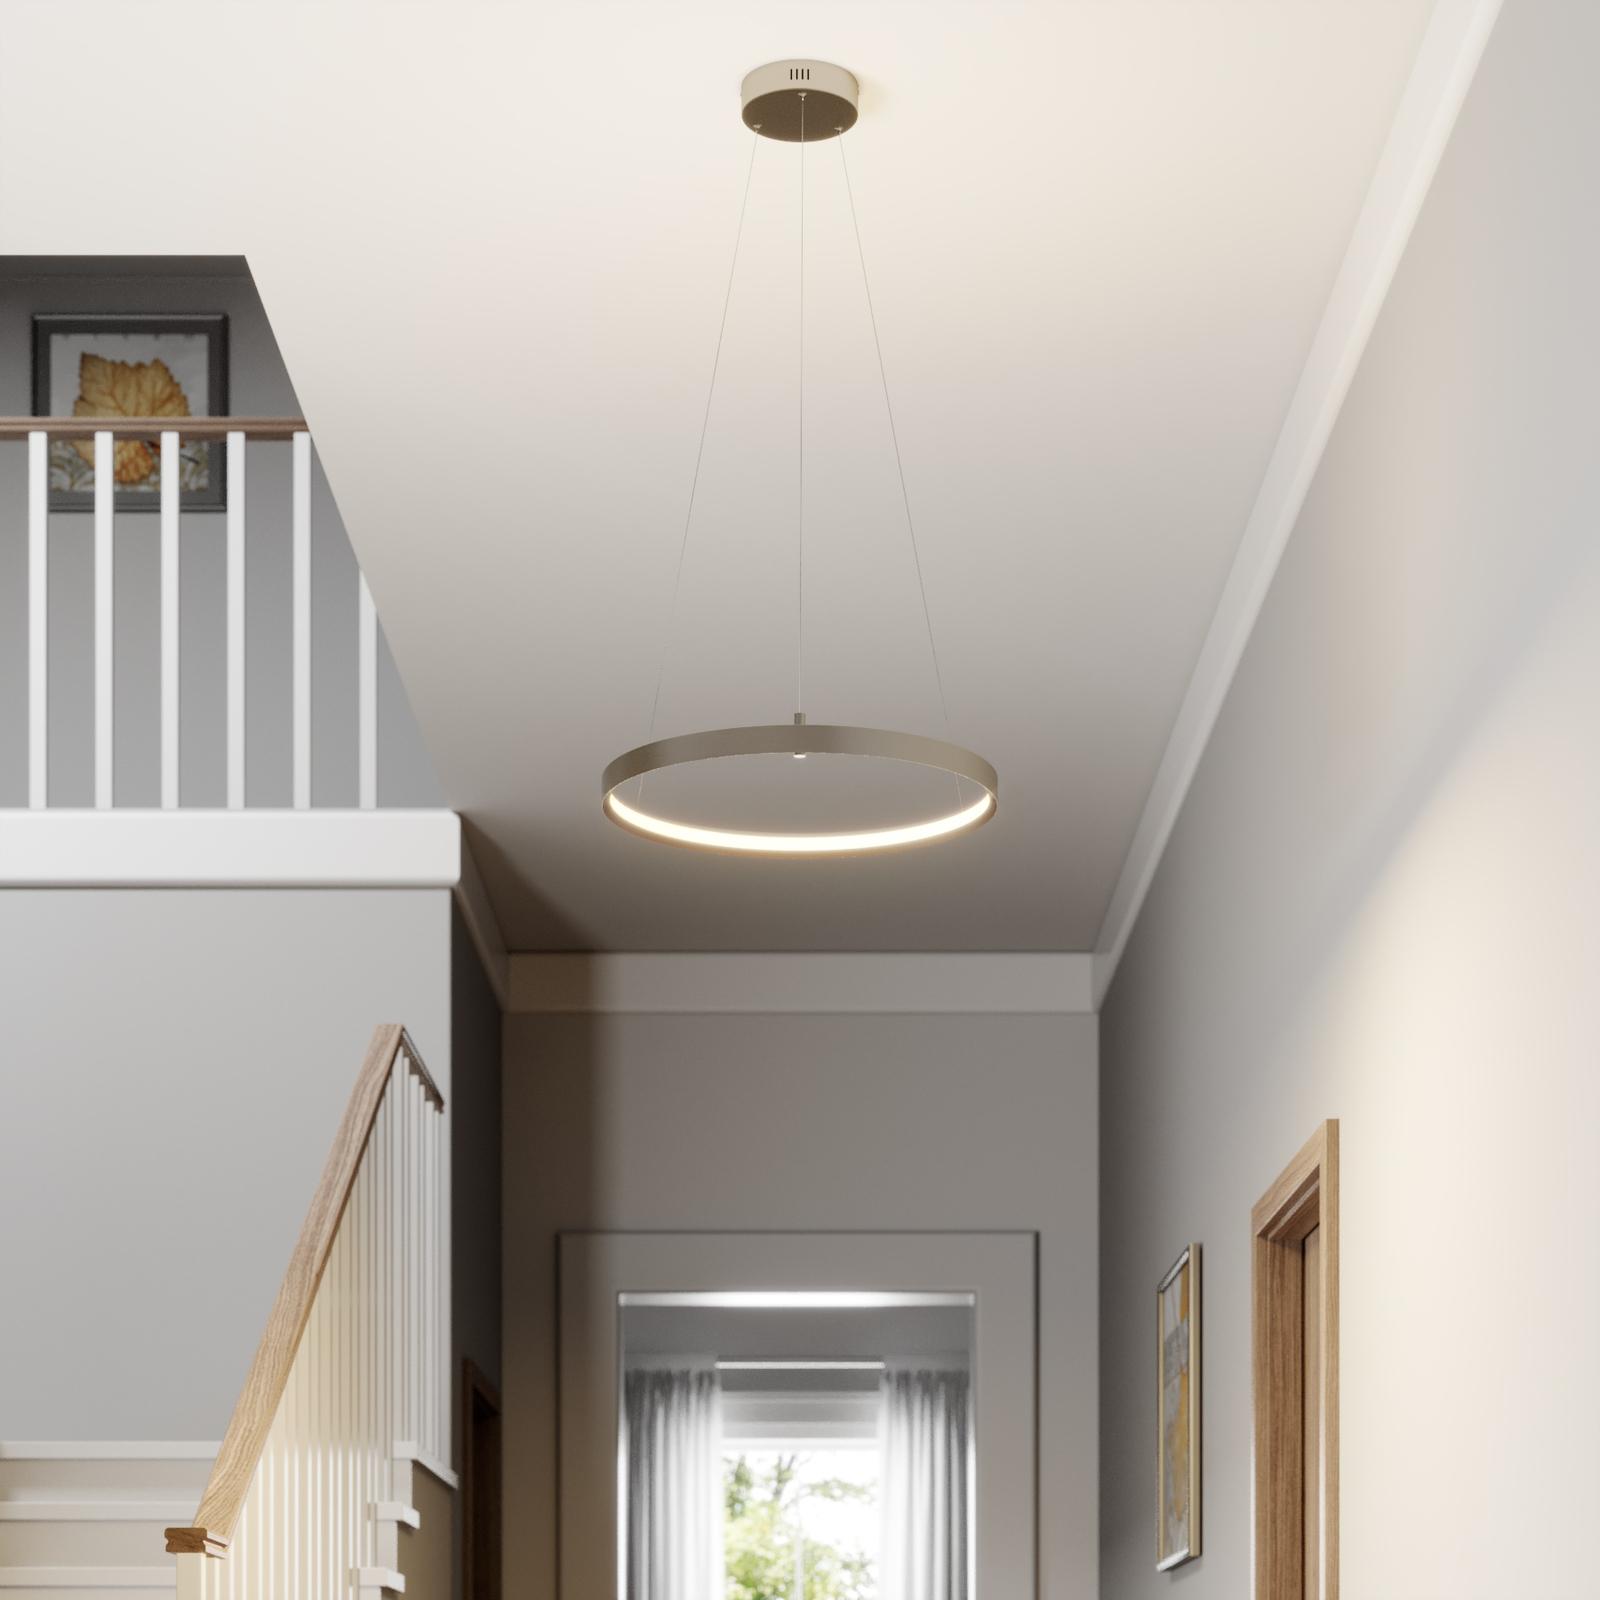 Lucande Naylia -LED-riippuvalo nikkeliä, Ø 60 cm